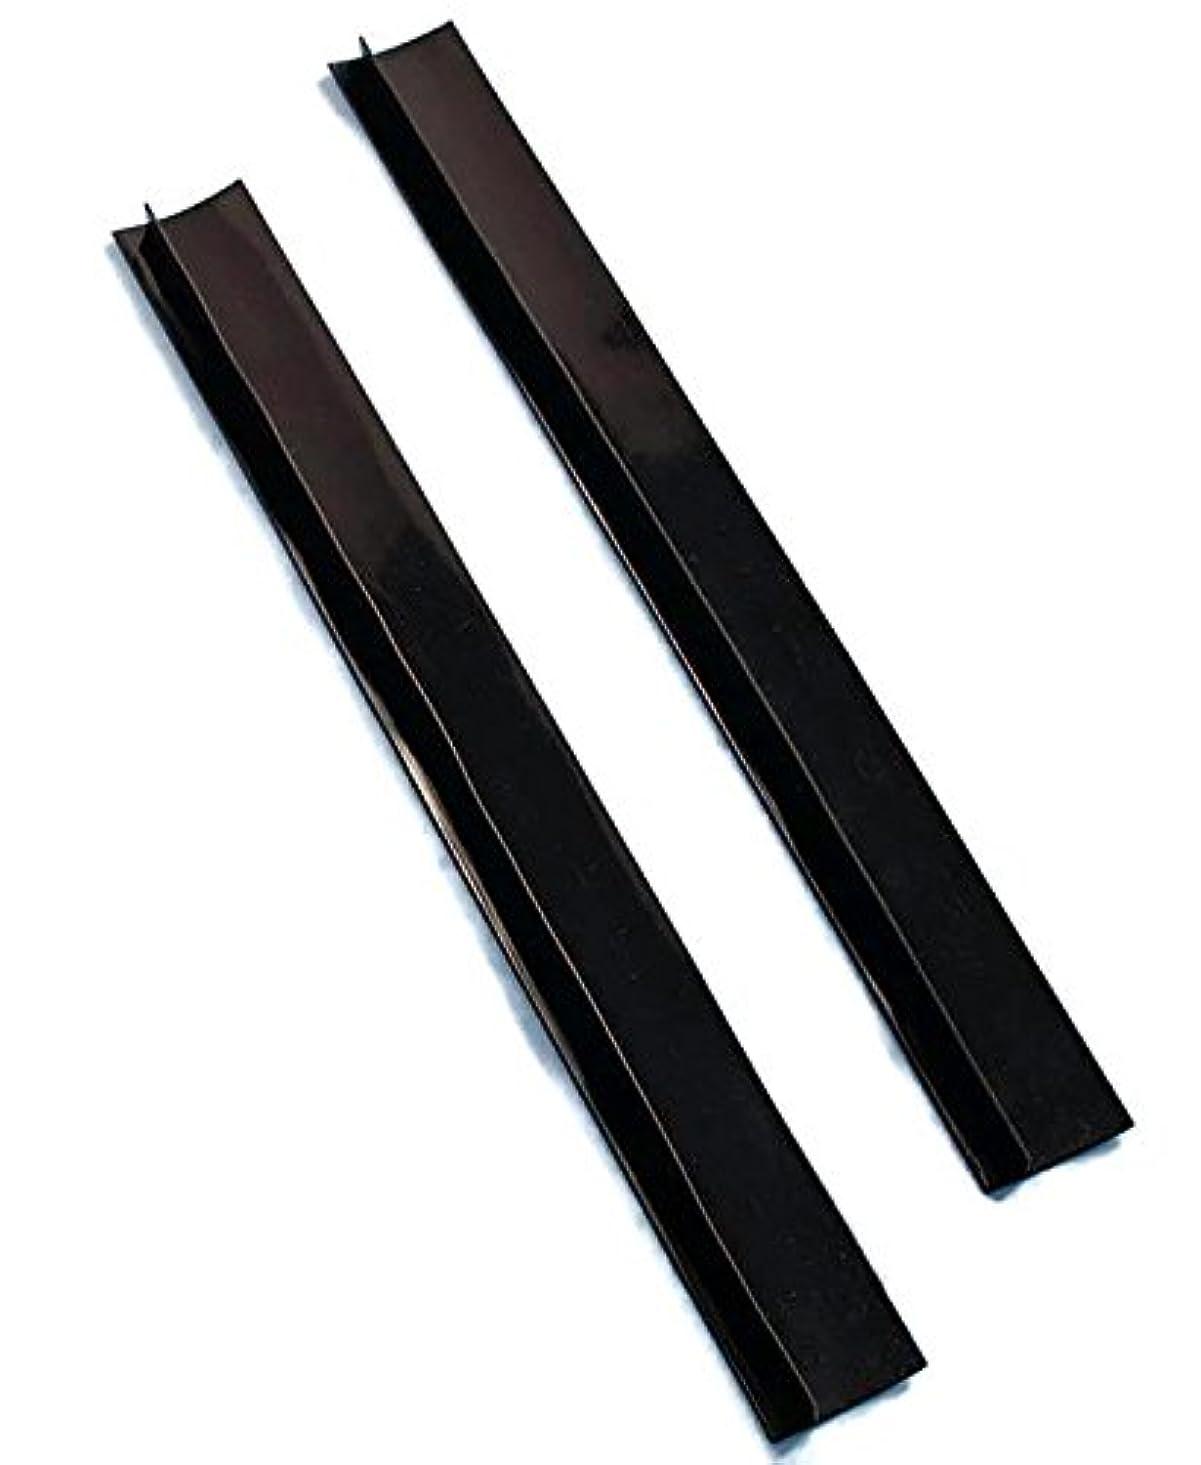 仲介者エレベーター強制Set of 2 Black Silicone Counter Gap Covers by LTD Commodities